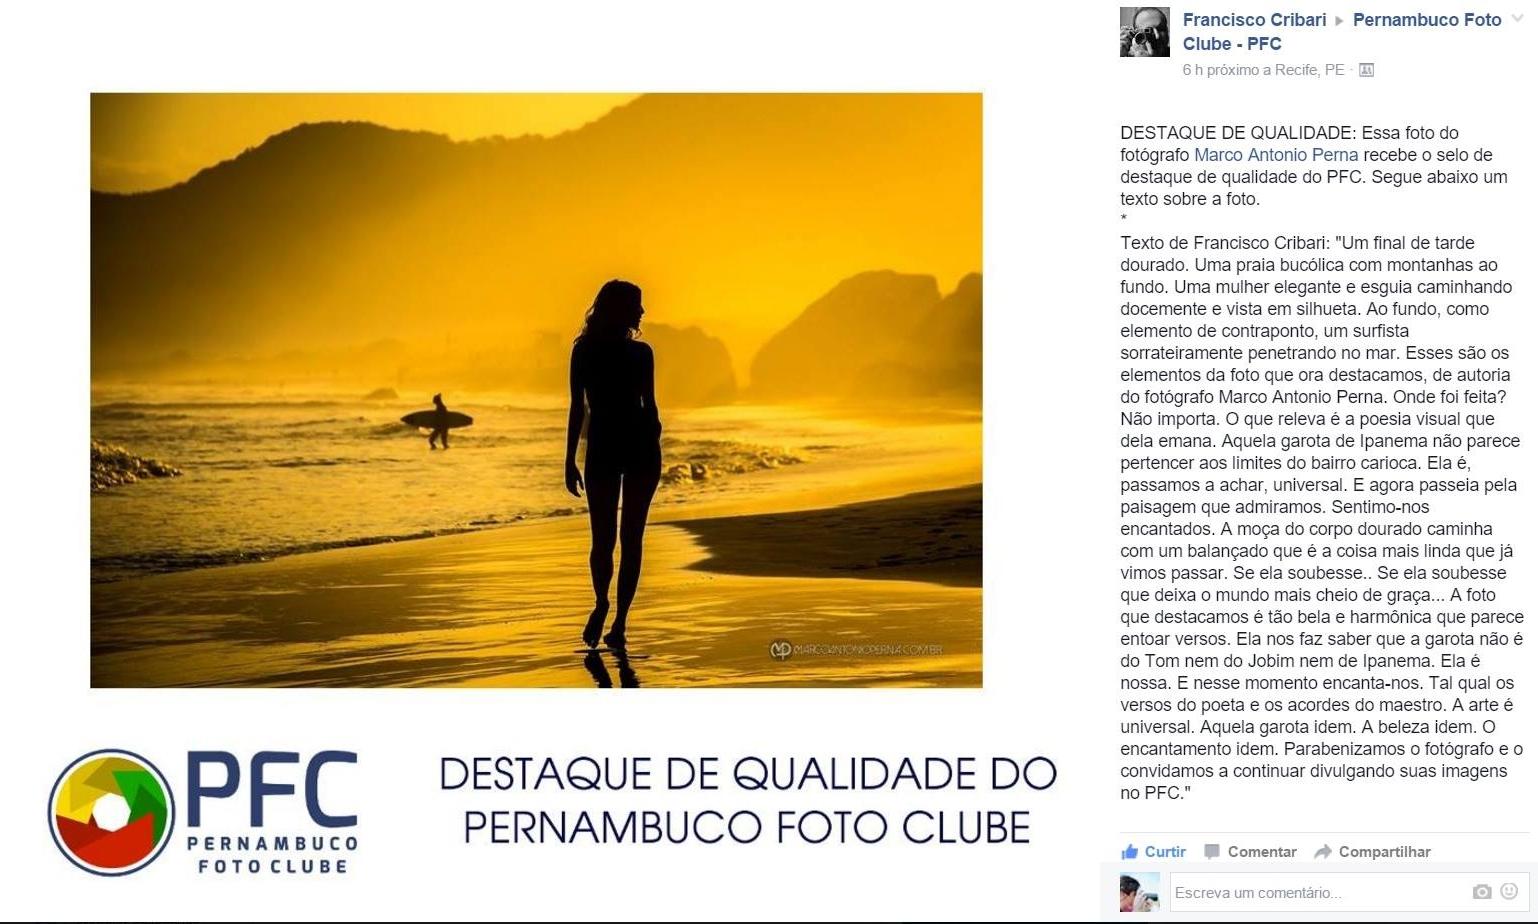 Destaque de Qualidade do Pernambuco Foto Clube